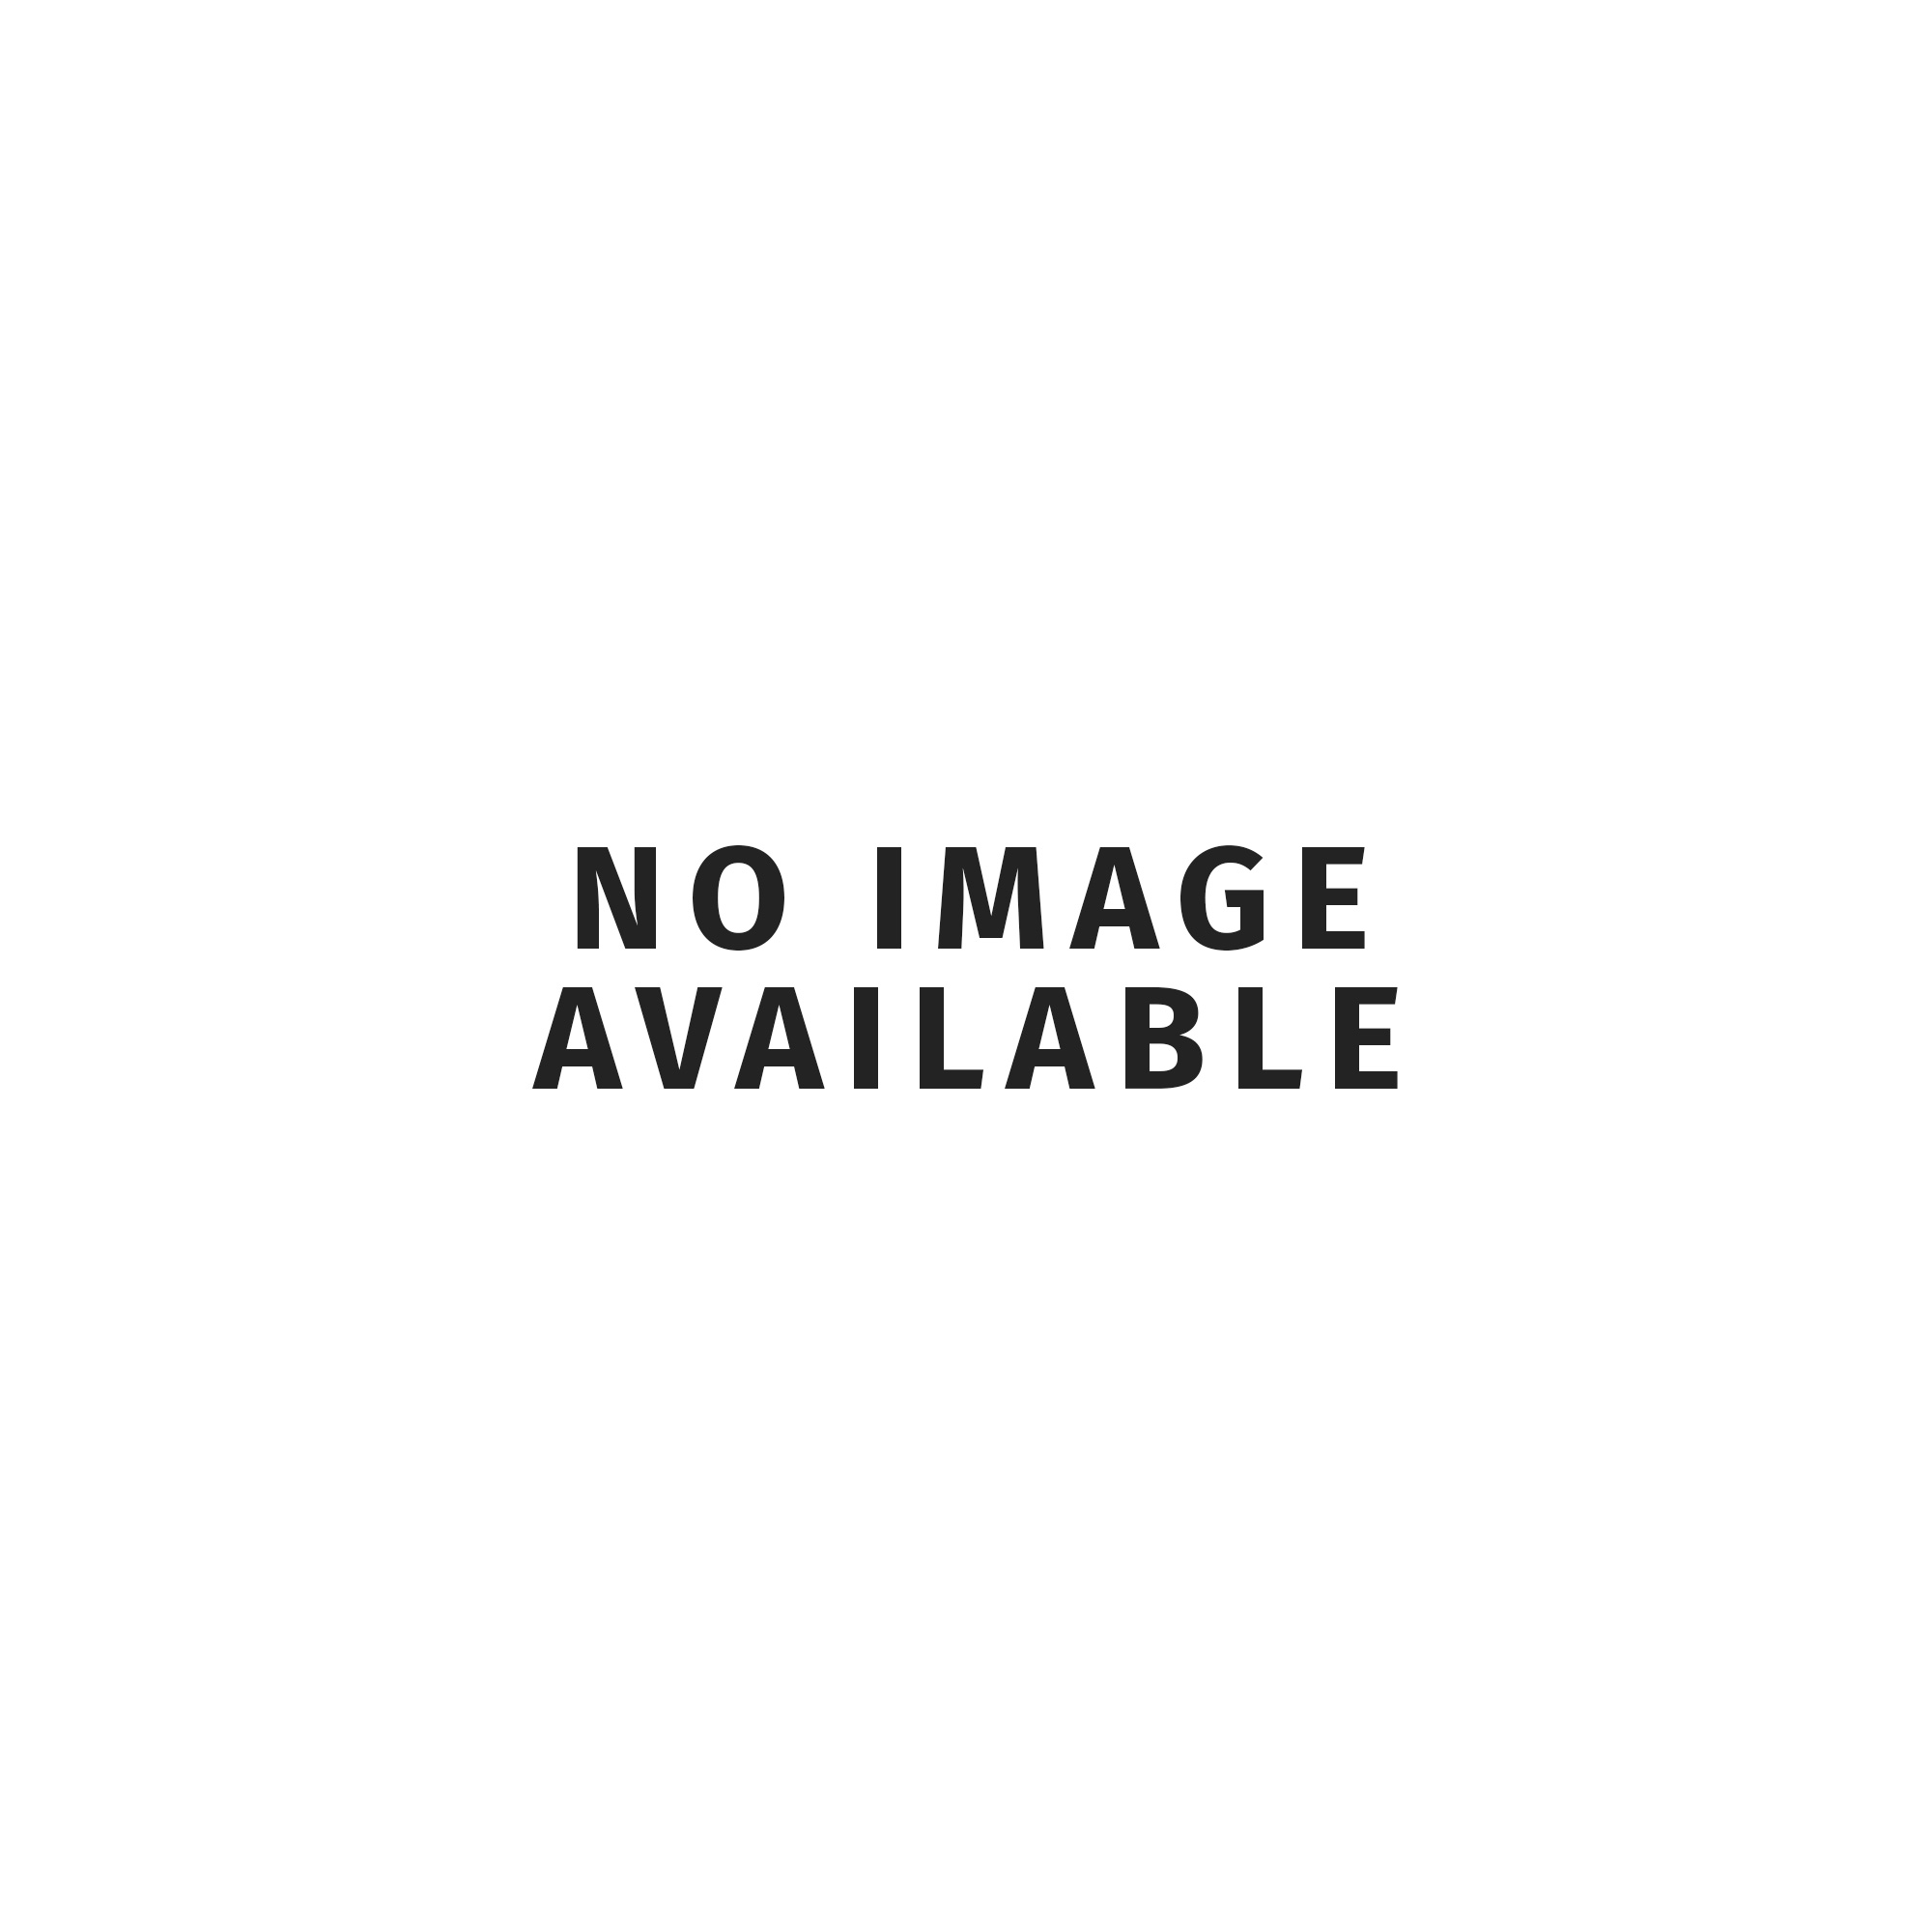 Halo Devaura 700c Disc Rim